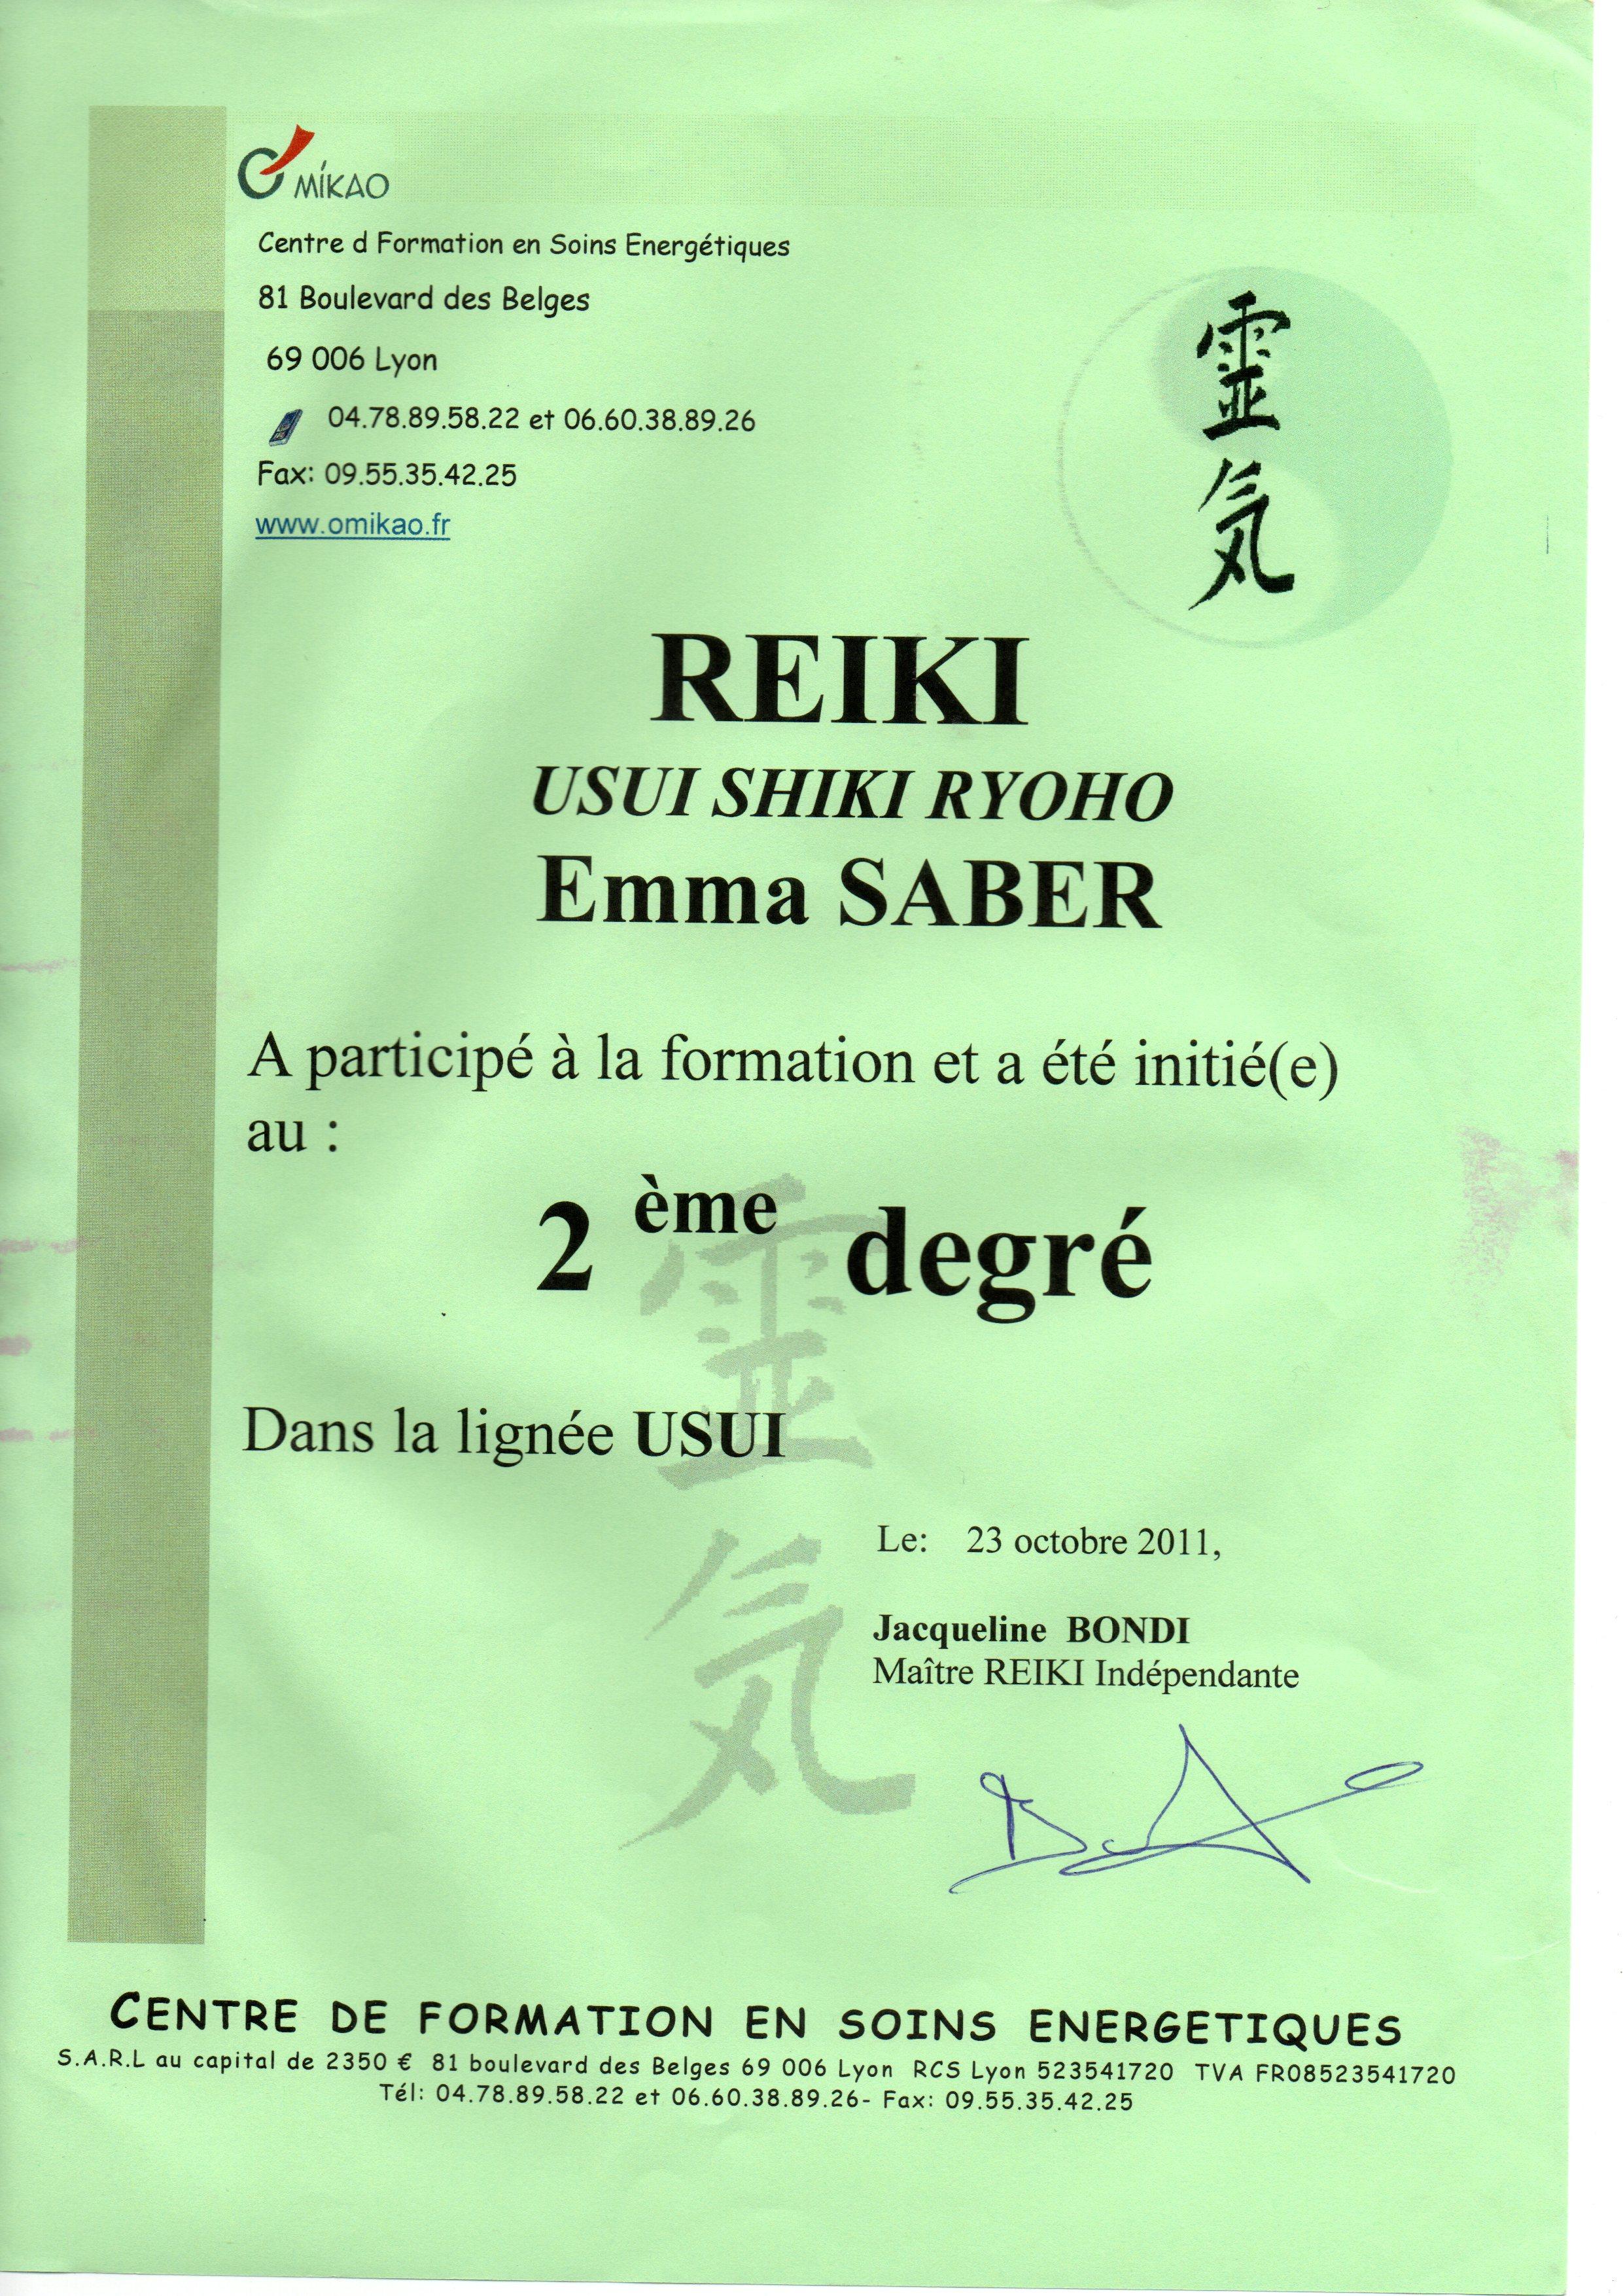 certificat-reiki-deuxieme-degre